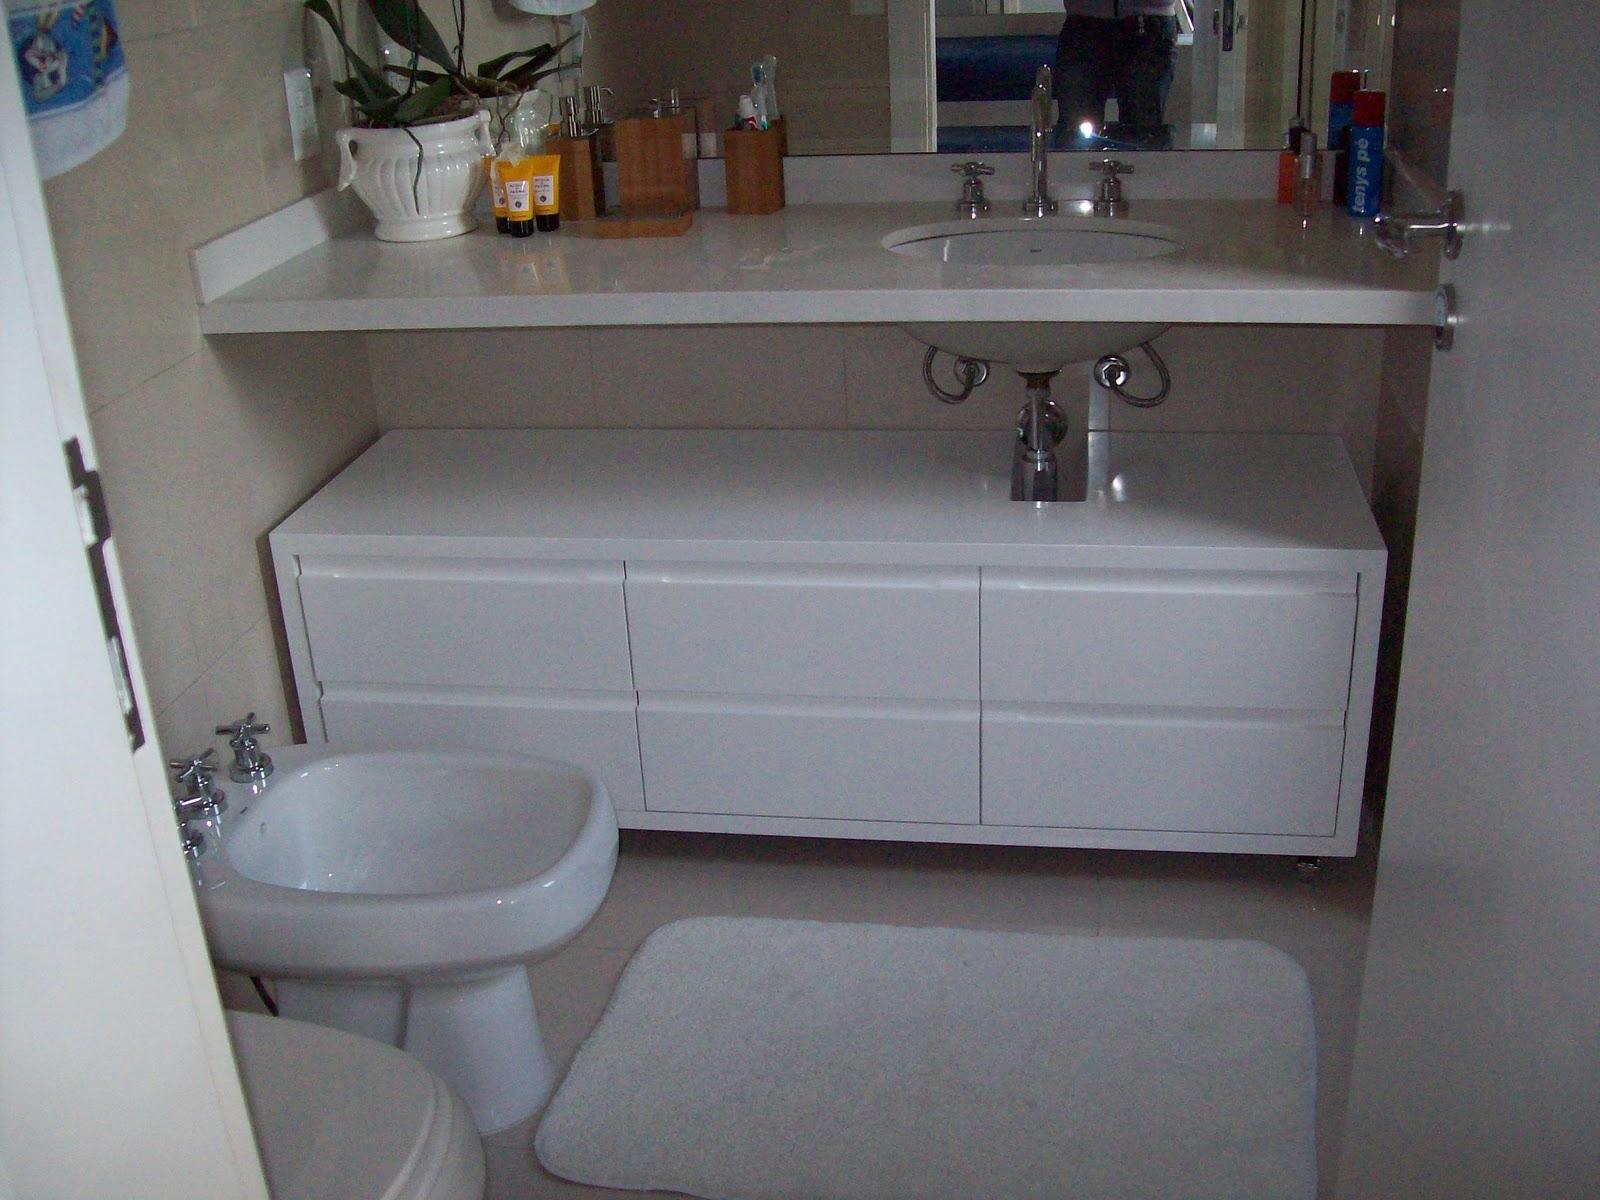 Carrinho em MDF e Laca Branco Fosco #434D5C 1600x1200 Banheiro Branco Fosco